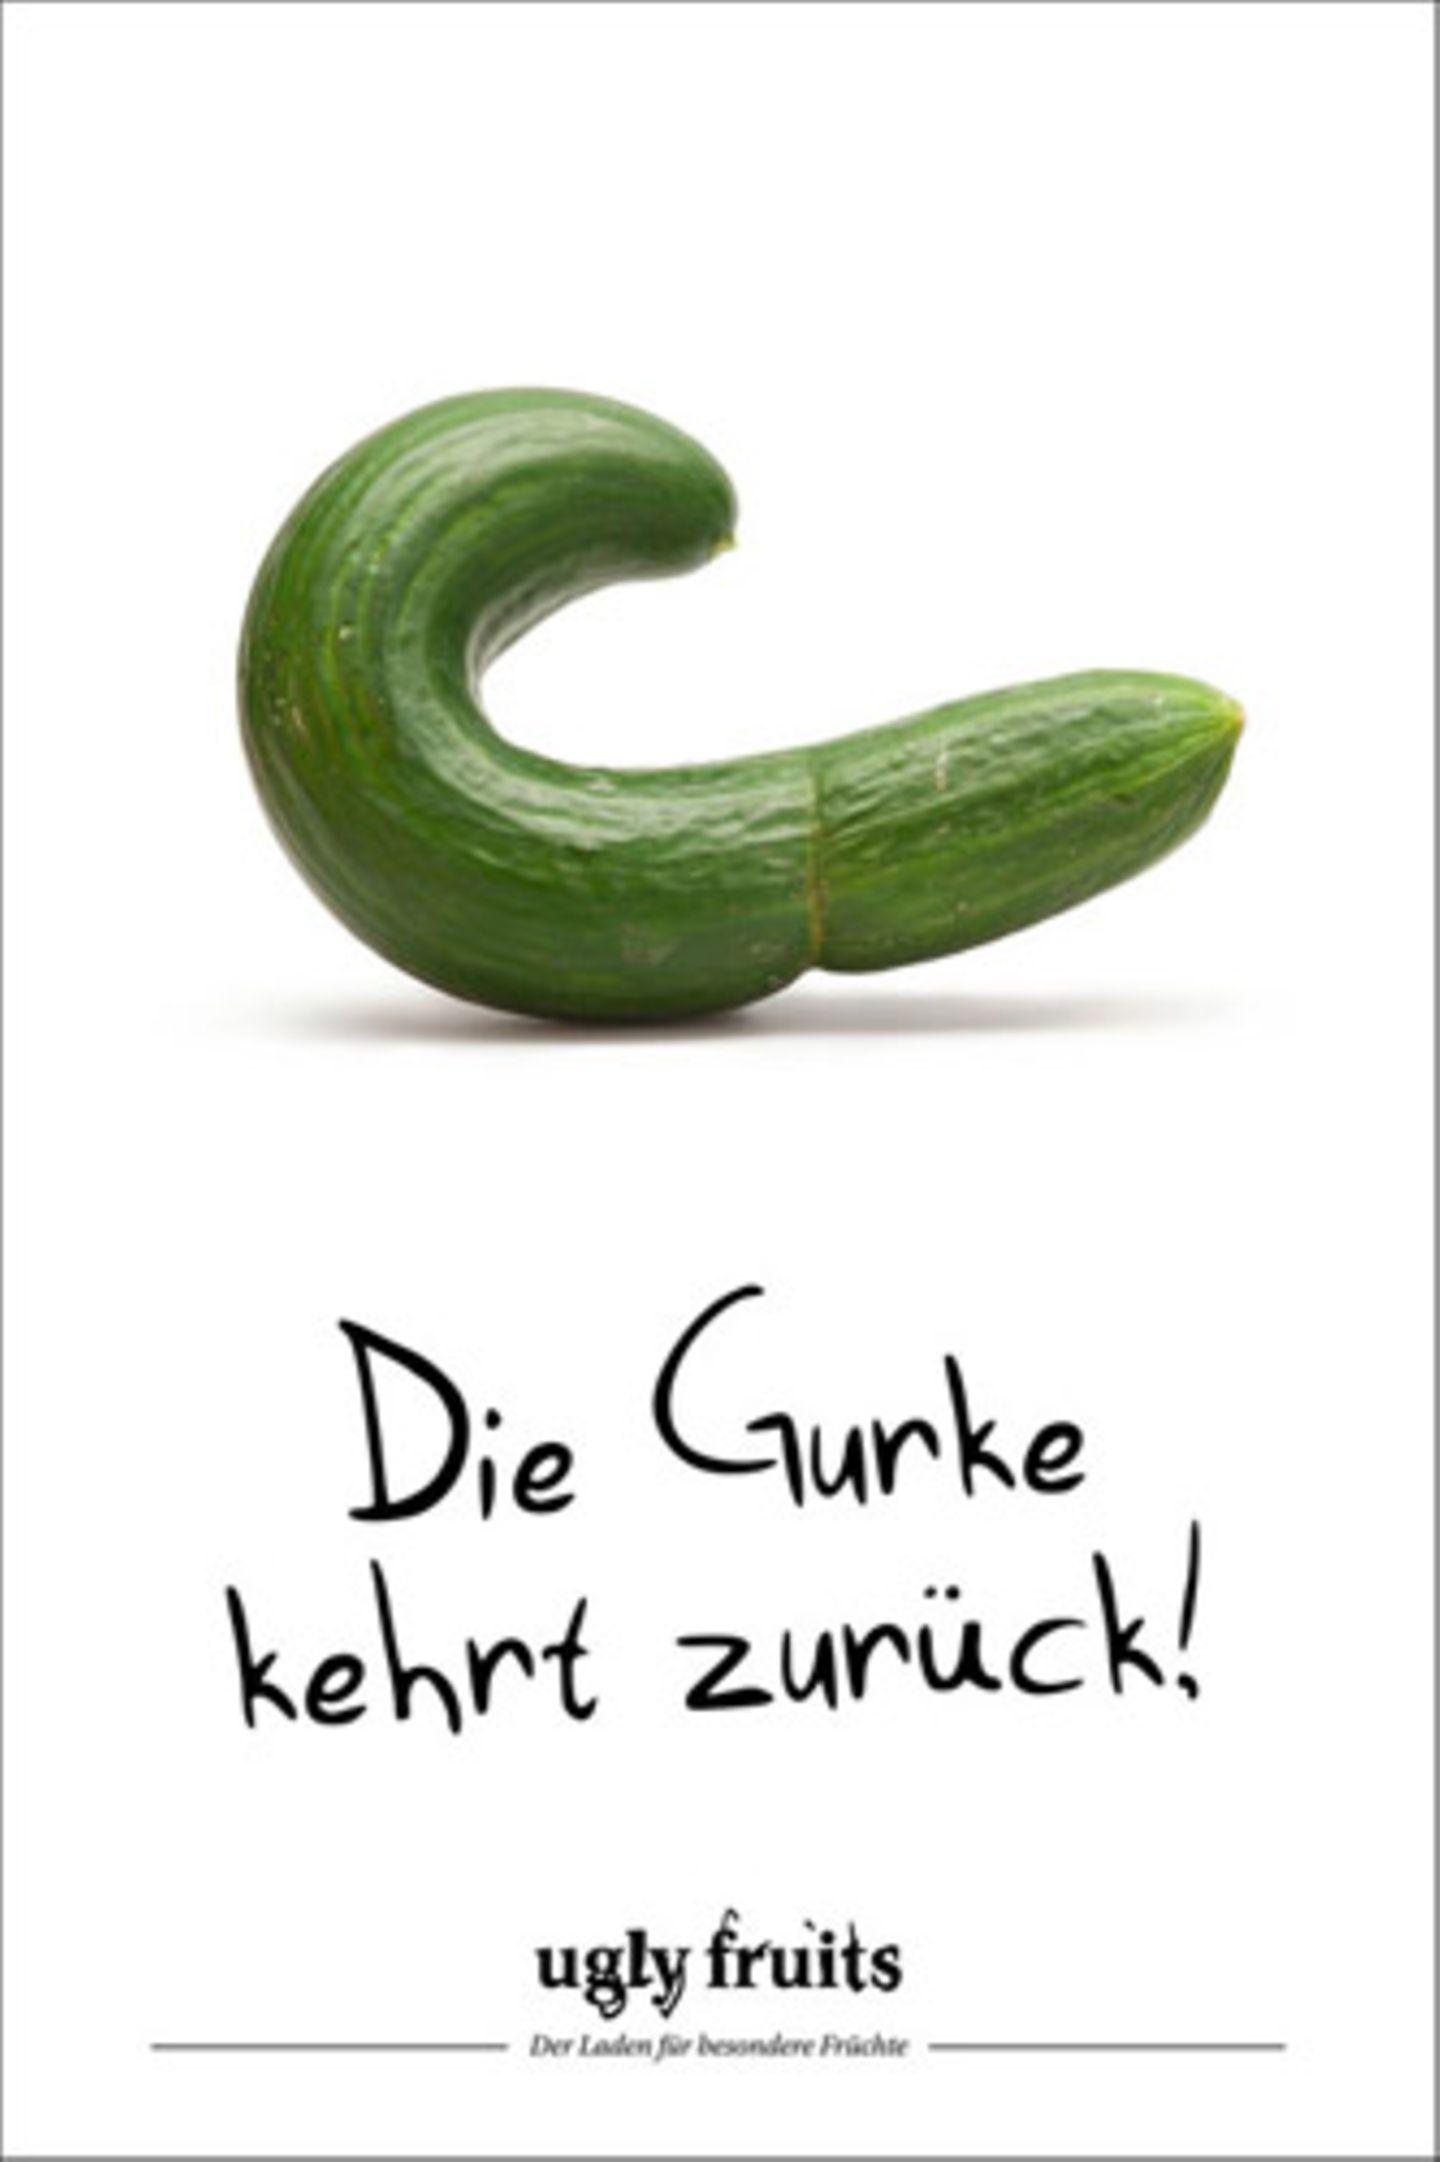 Früher waren krumme Gurken per EU-Norm verboten. Seit 2009 dürfen sie wieder verkauft werden. Aber die Supermärkte setzen trotzdem lieber auf makelloses Normgemüse.